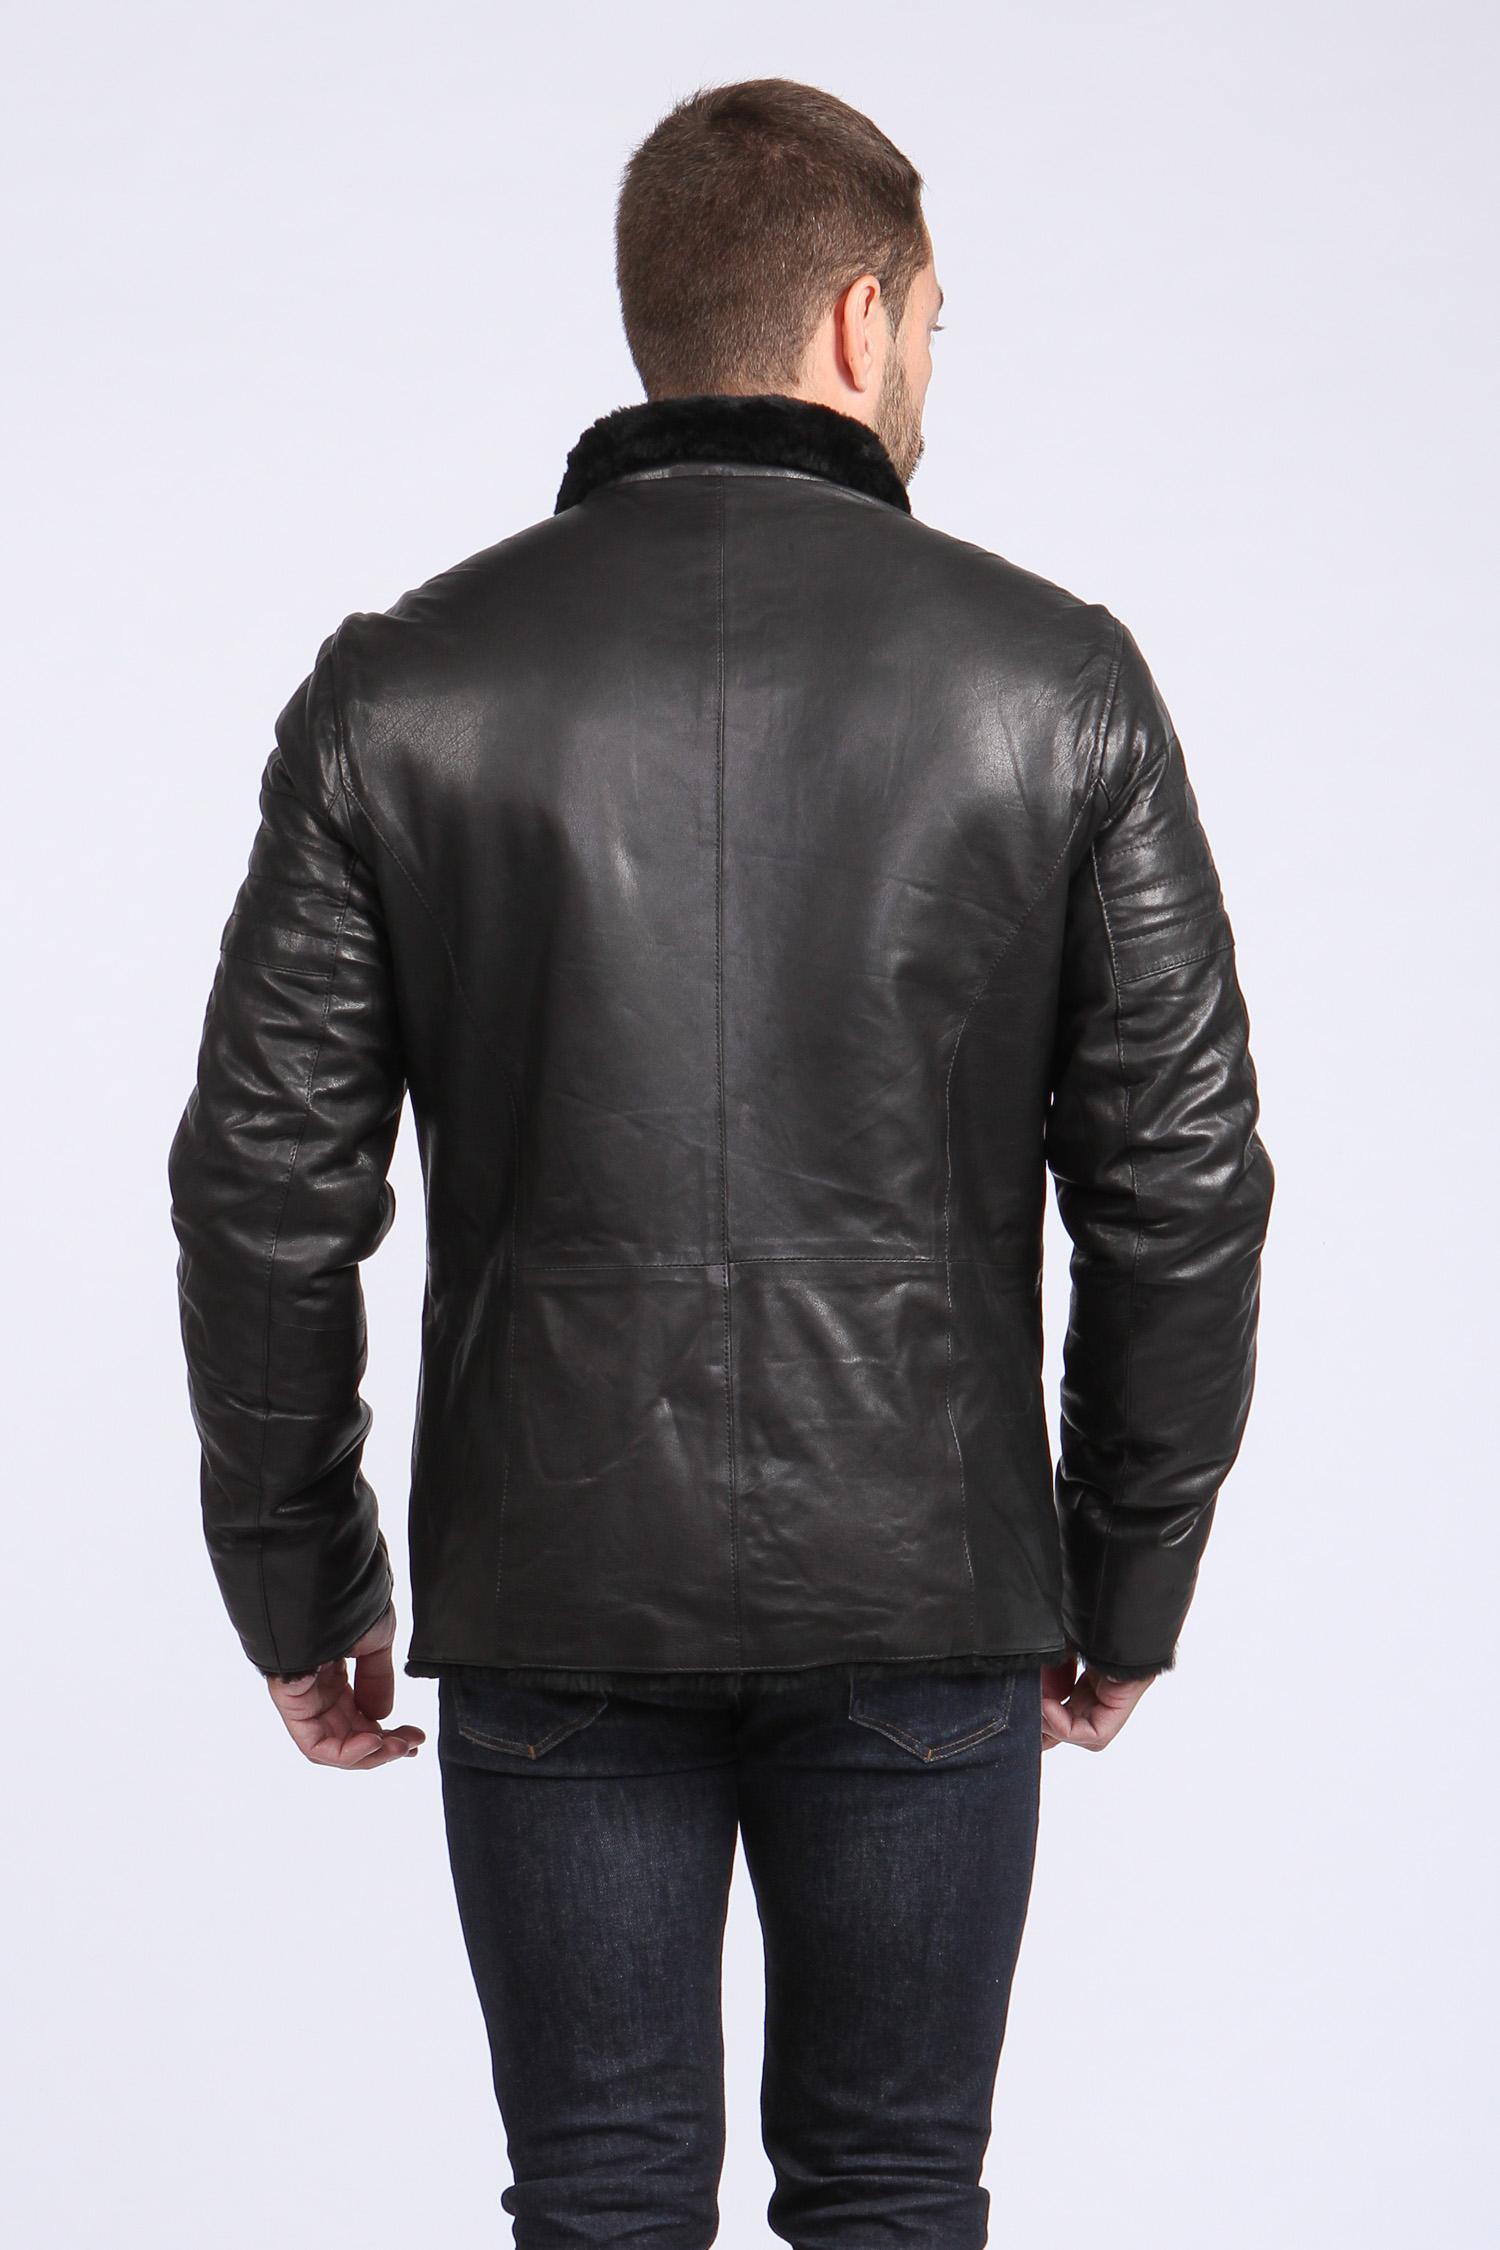 Мужская кожаная куртка из натуральной овчины на меху с воротником, без отделки от Московская Меховая Компания